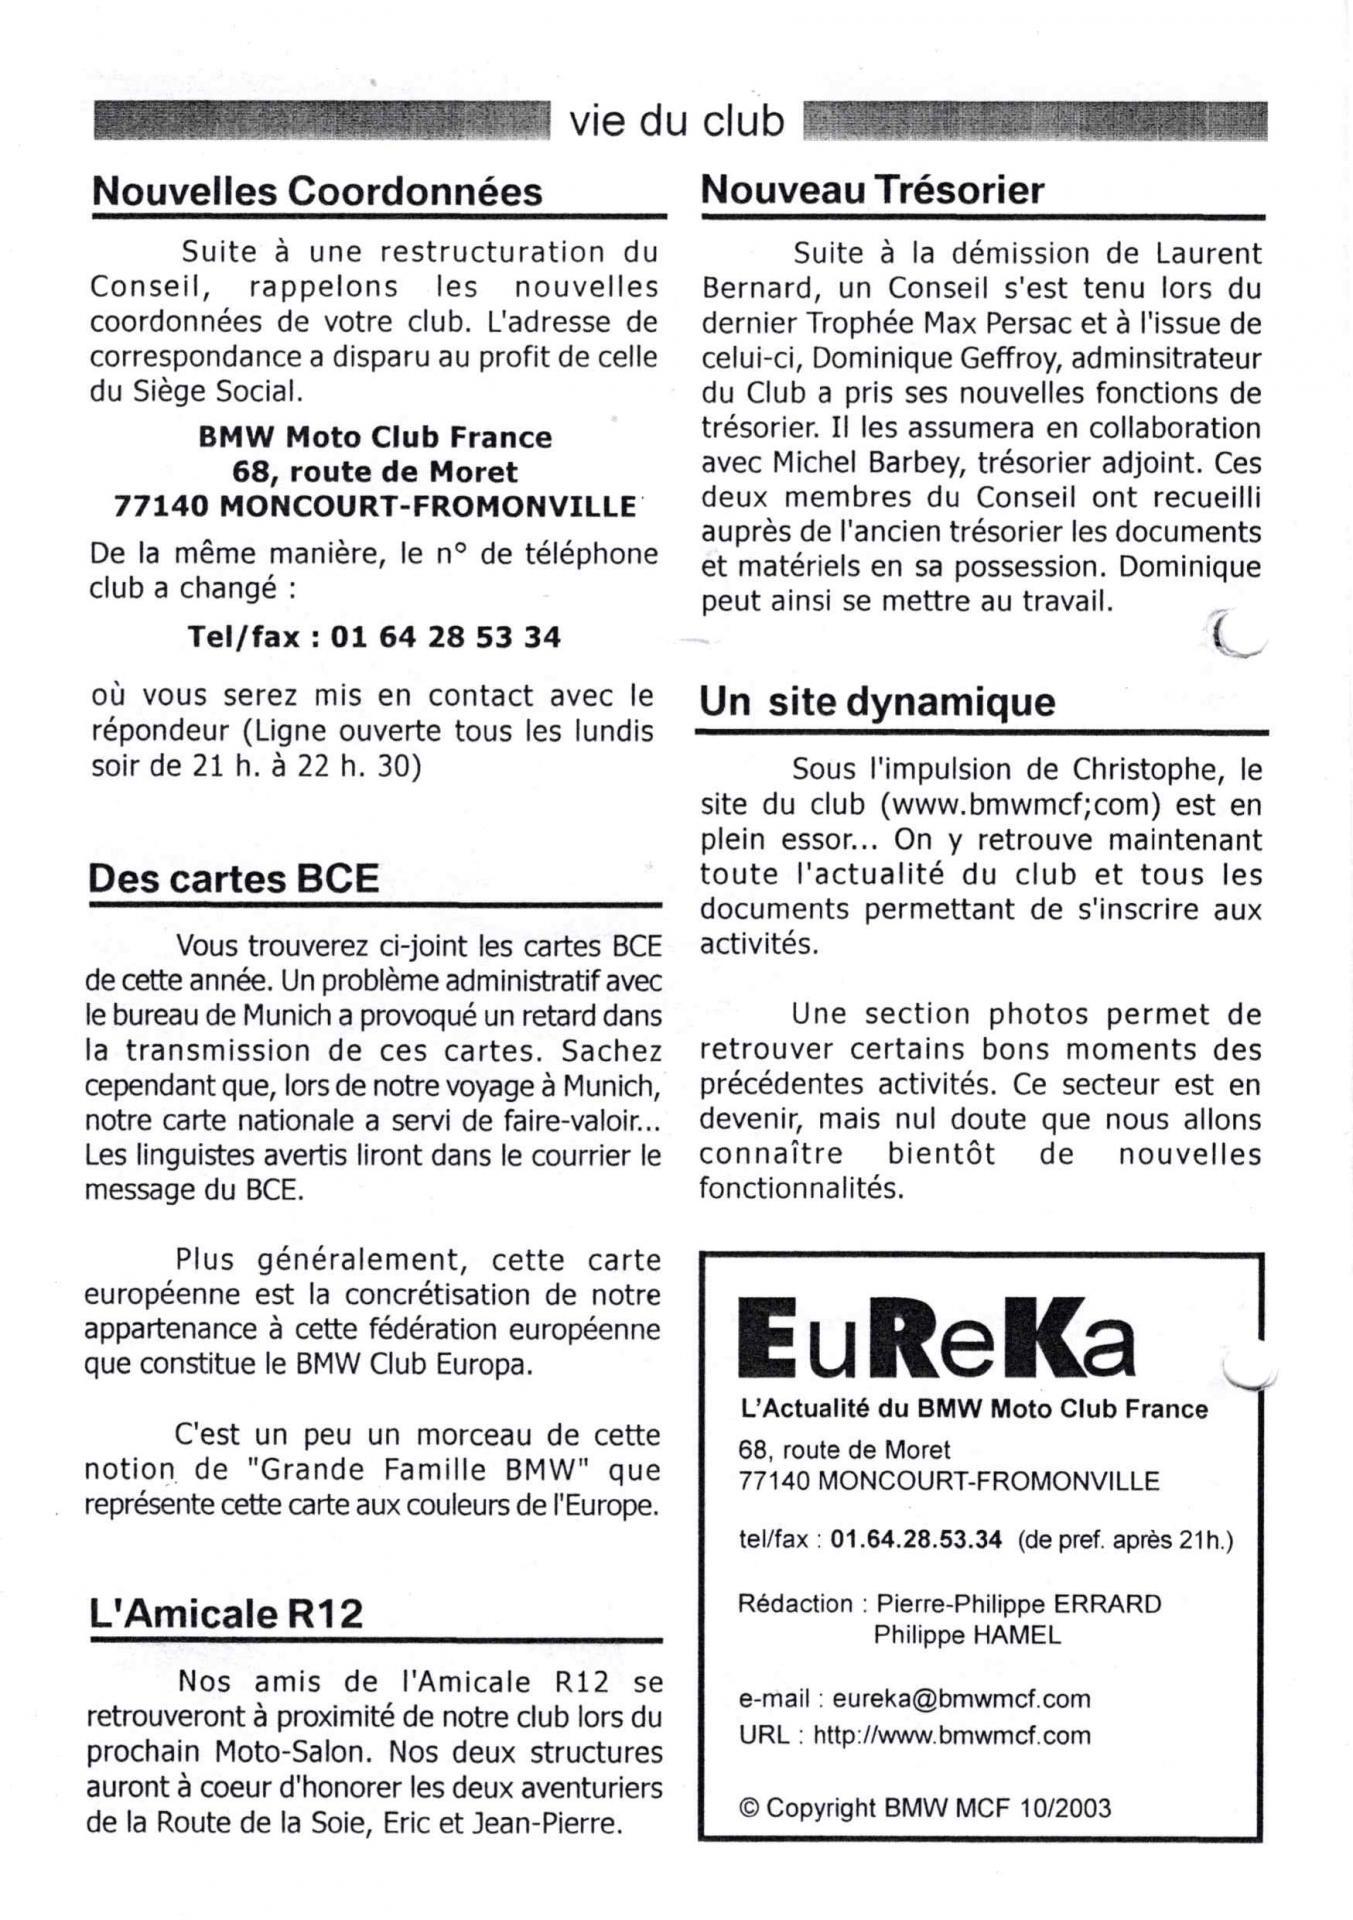 2003 10 eureka express 4